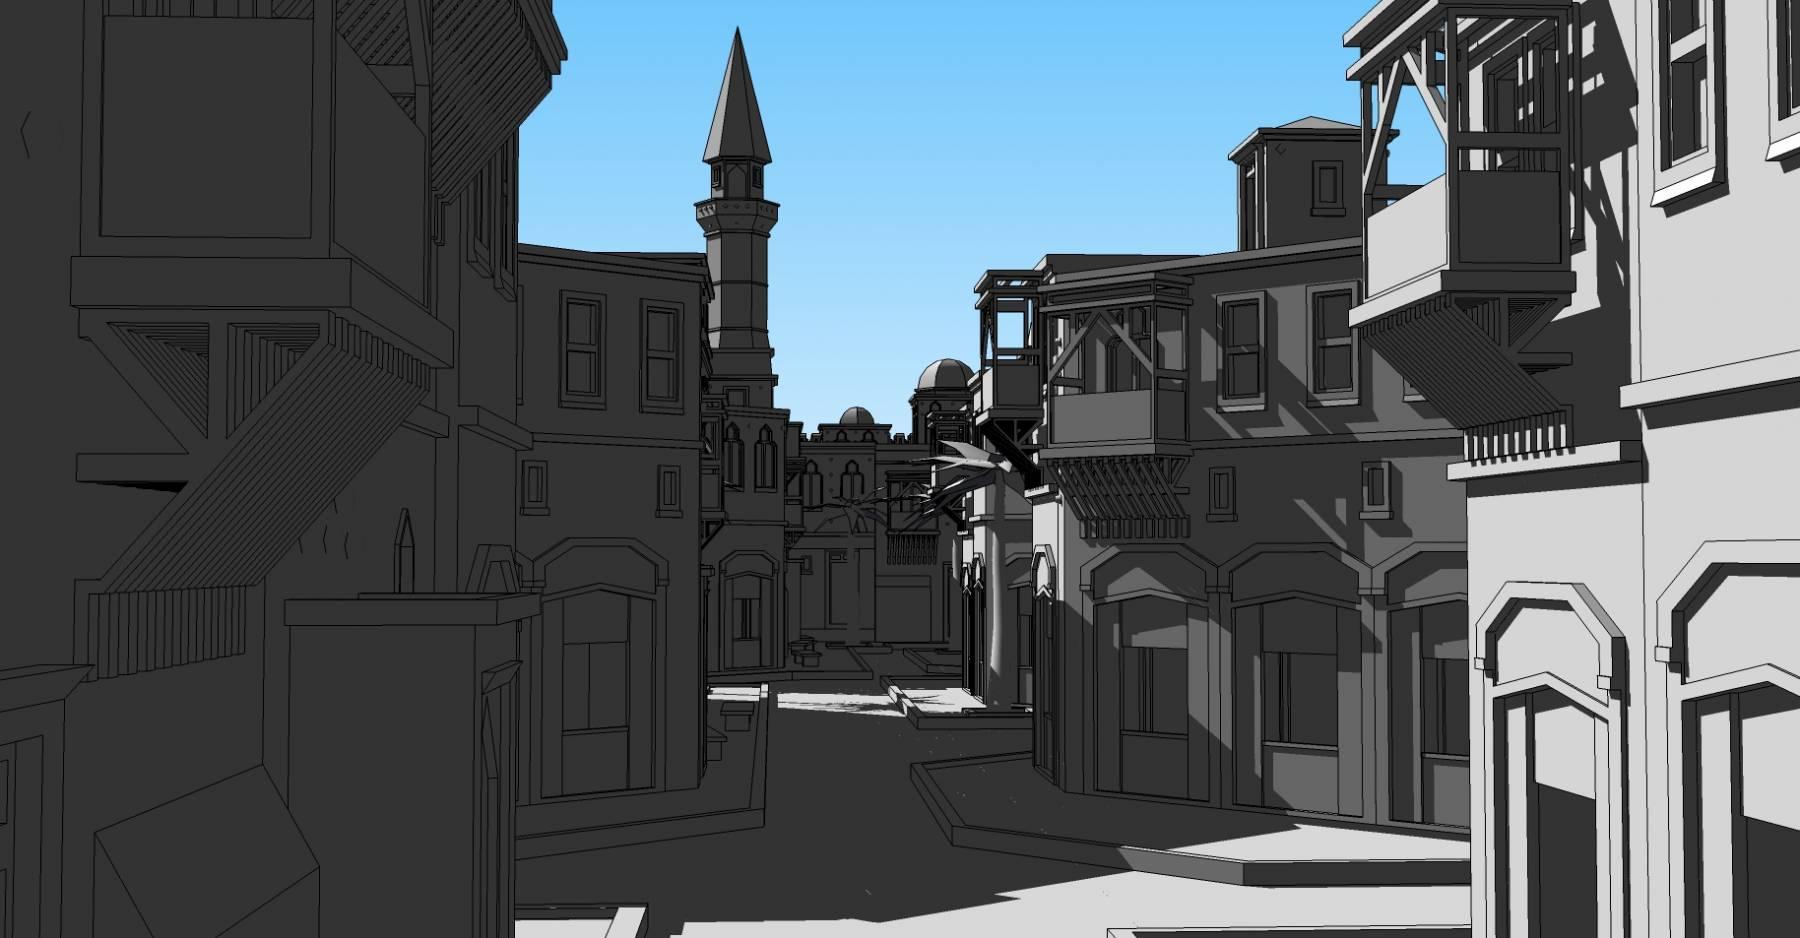 中世纪 阿拉伯 风格 城市 城堡 12213